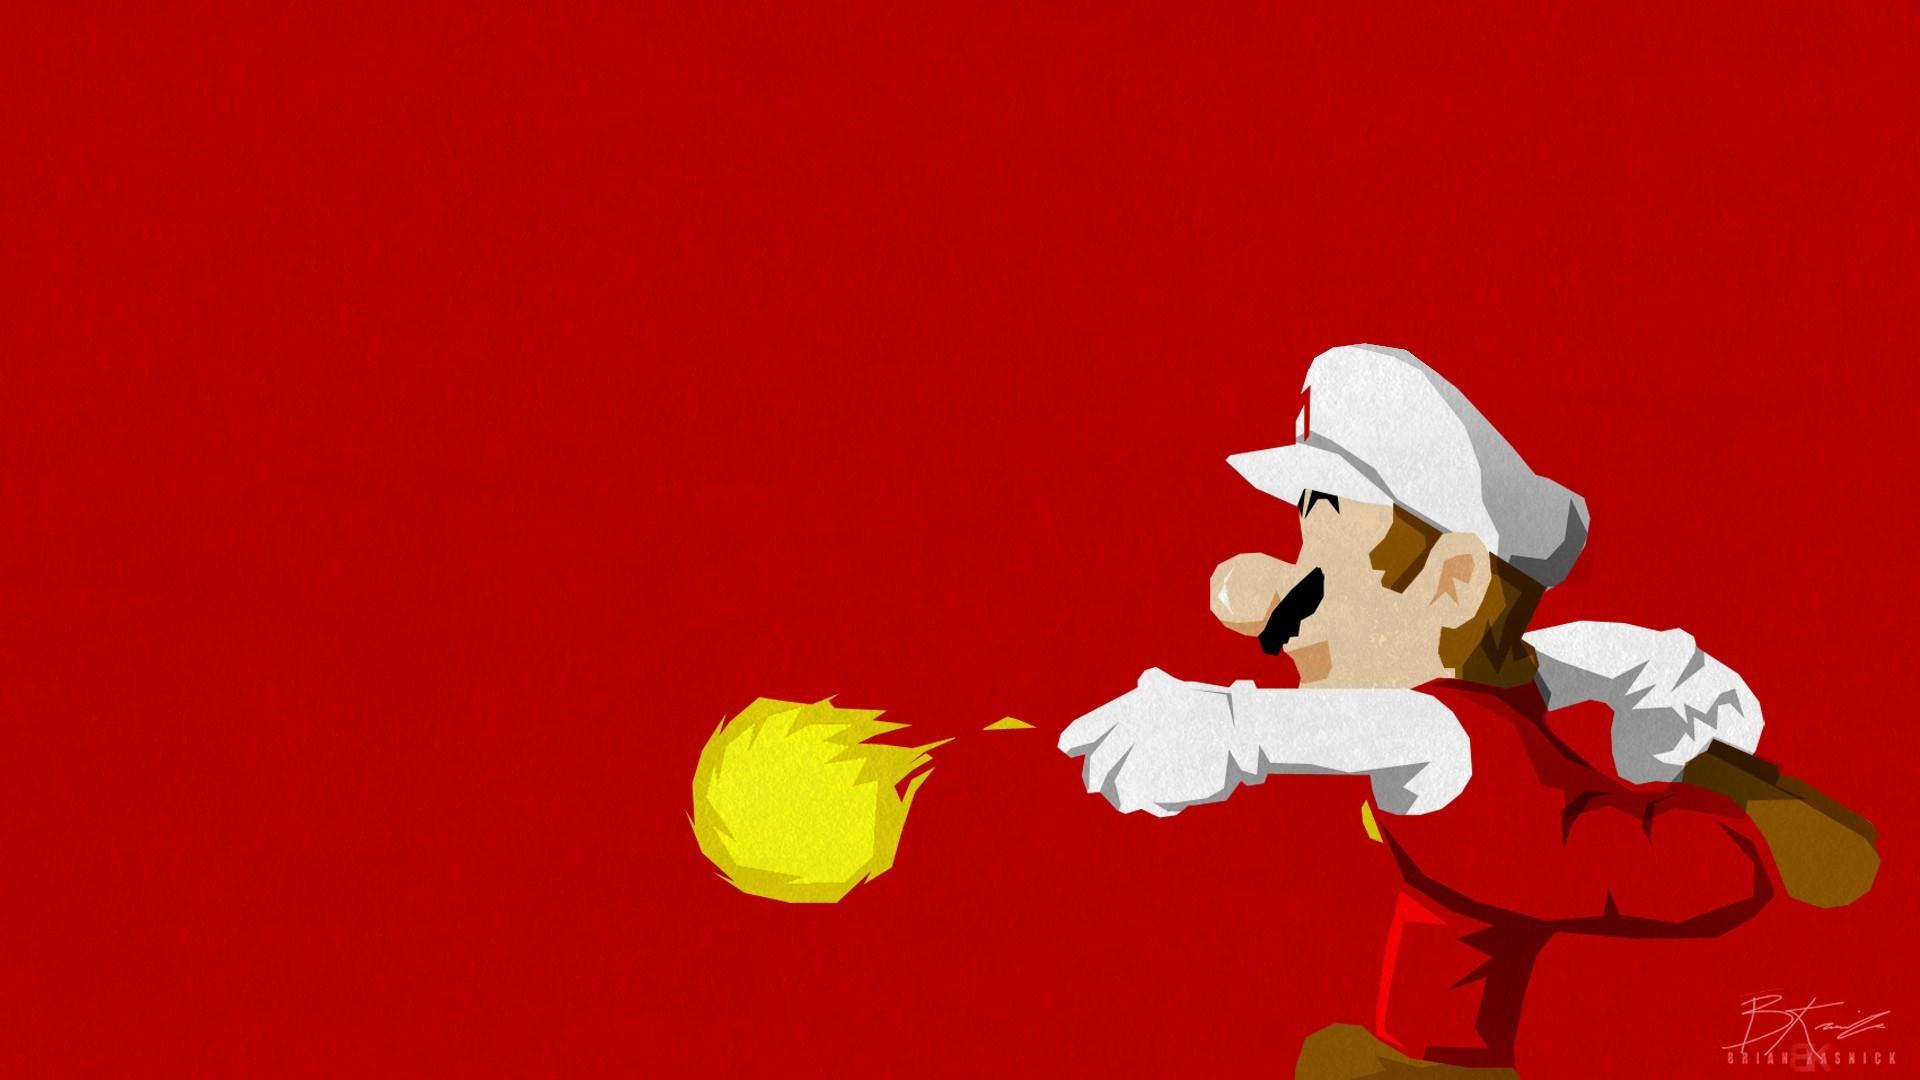 Super Mario Bros HD Wallpaper (70+ Images